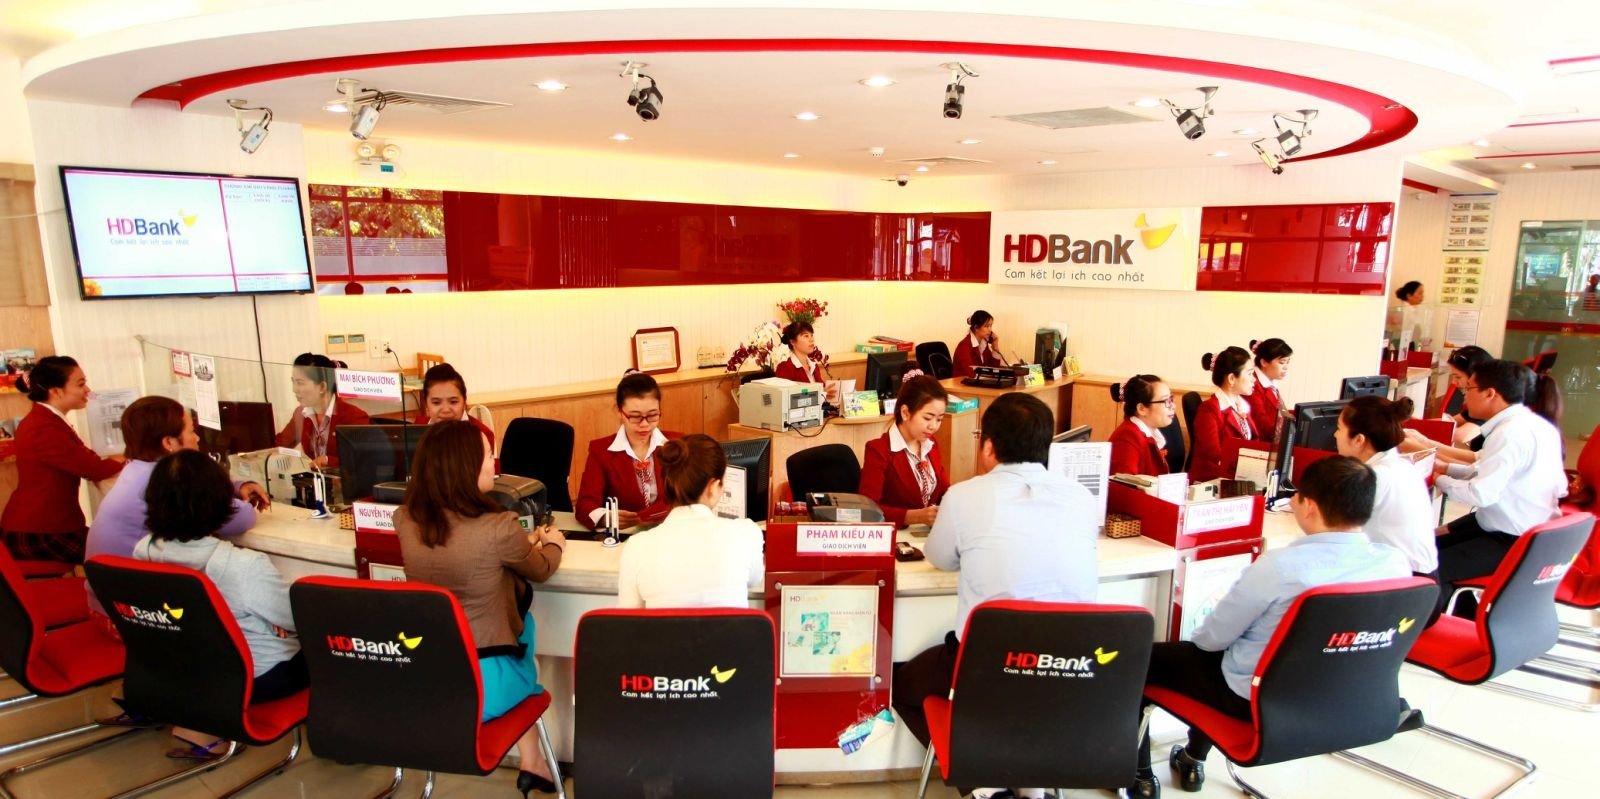 HDBank - ngân hàng đầu tiên của Việt Nam triển khai tài trợ thương mại trên nền tảng blockchain